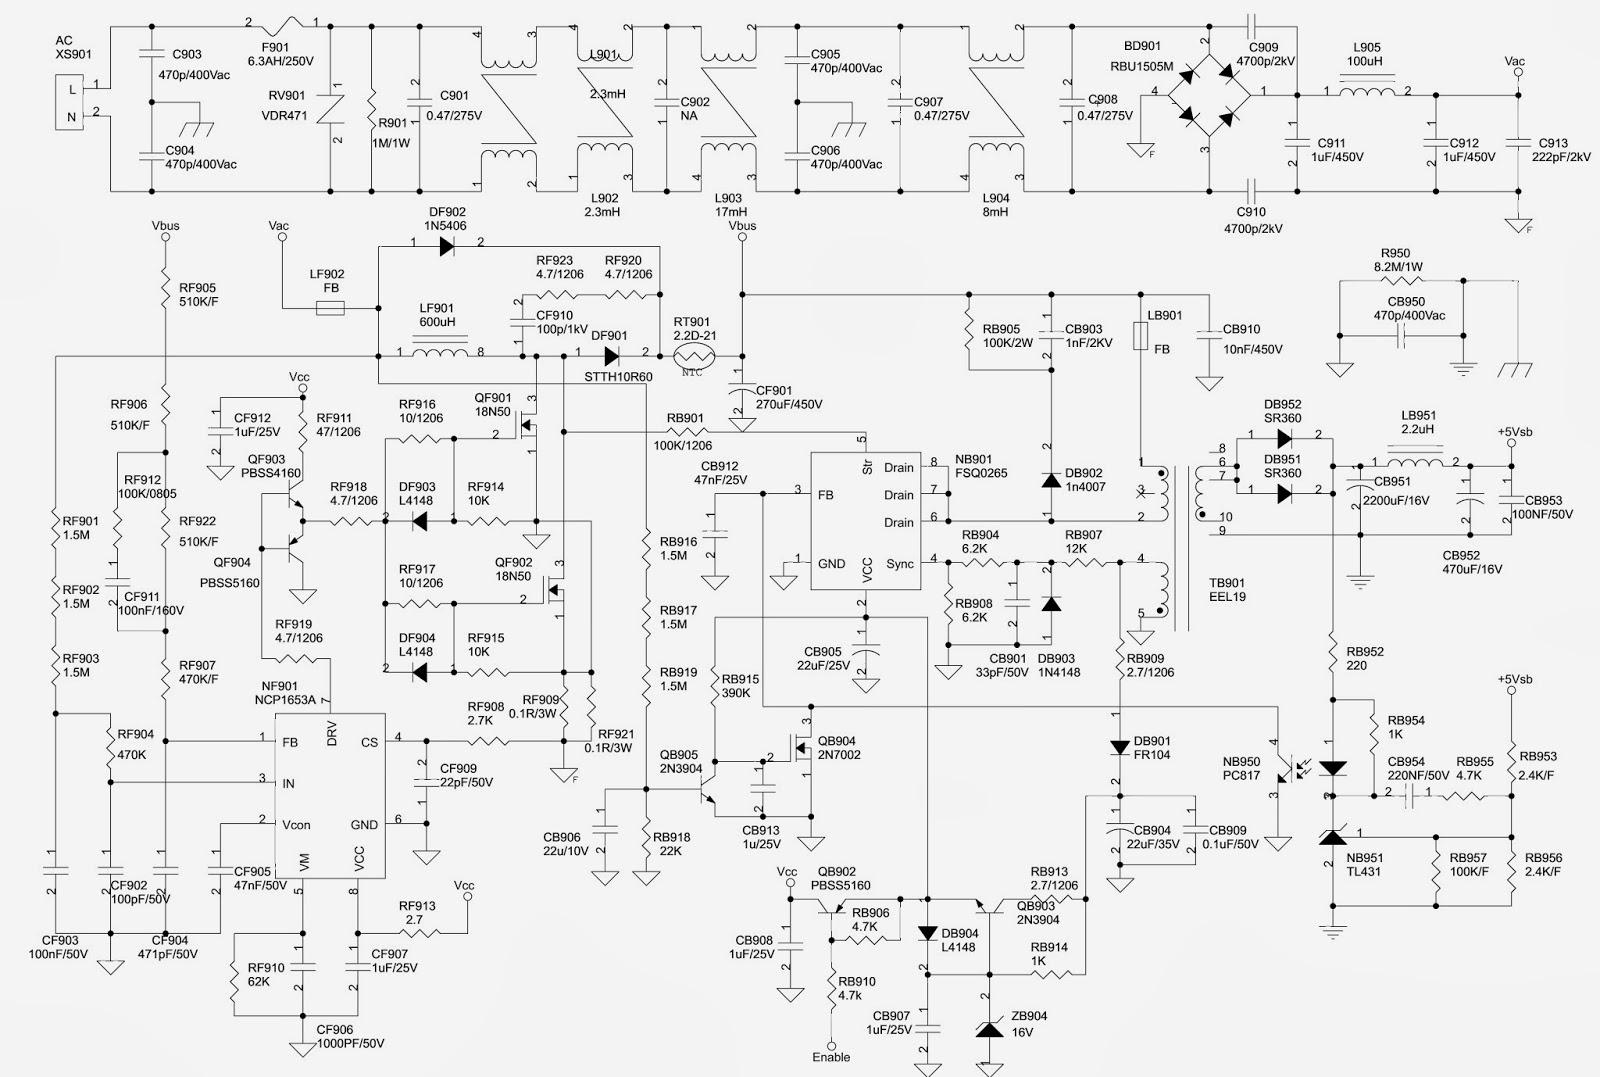 medium resolution of xv550xv600da lcd tv power supply schematic circuit diagram 1 10toshiba xv550 xv600da lcd tv power supply